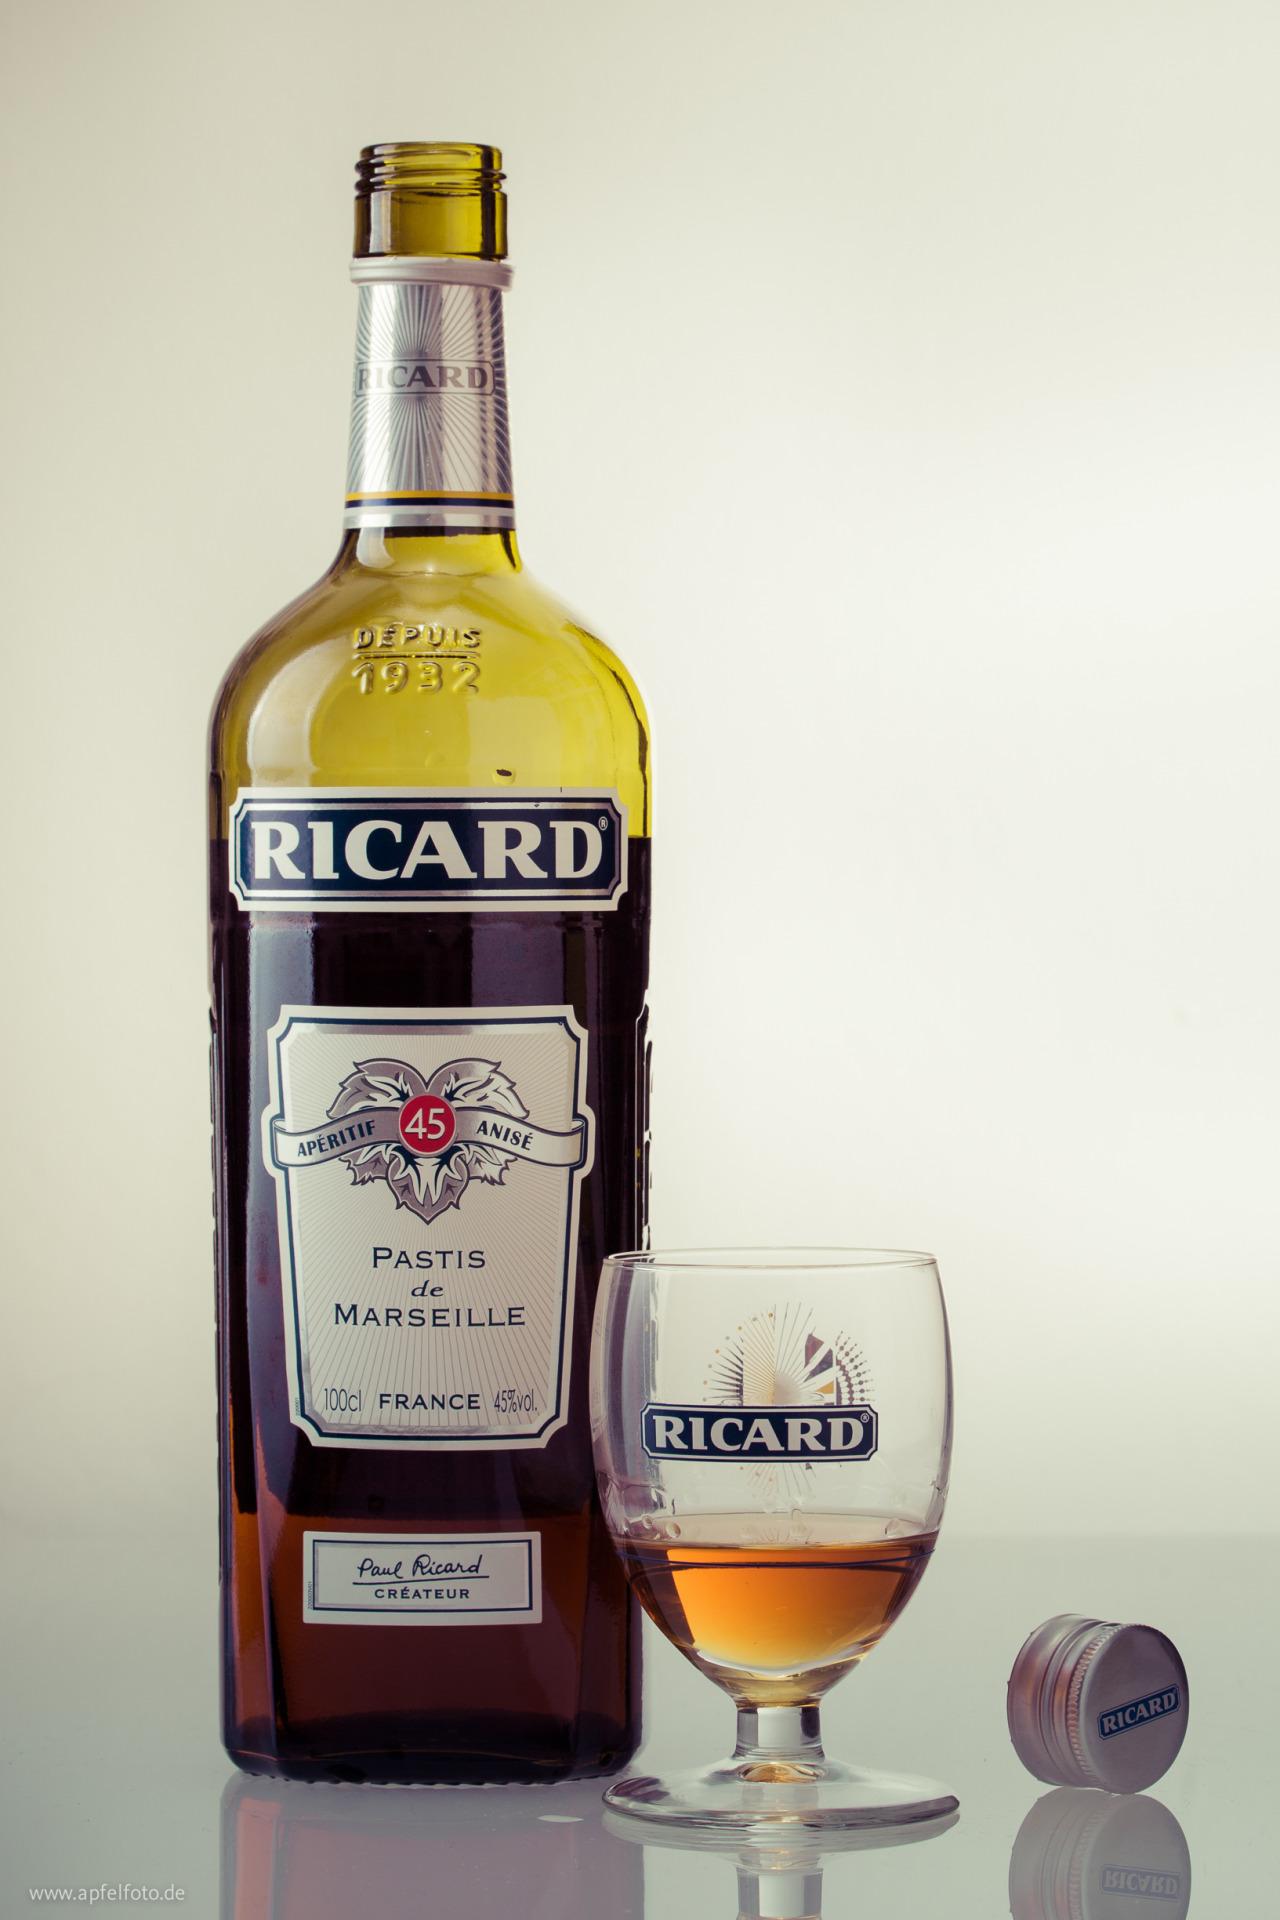 Beverage Ricard, France